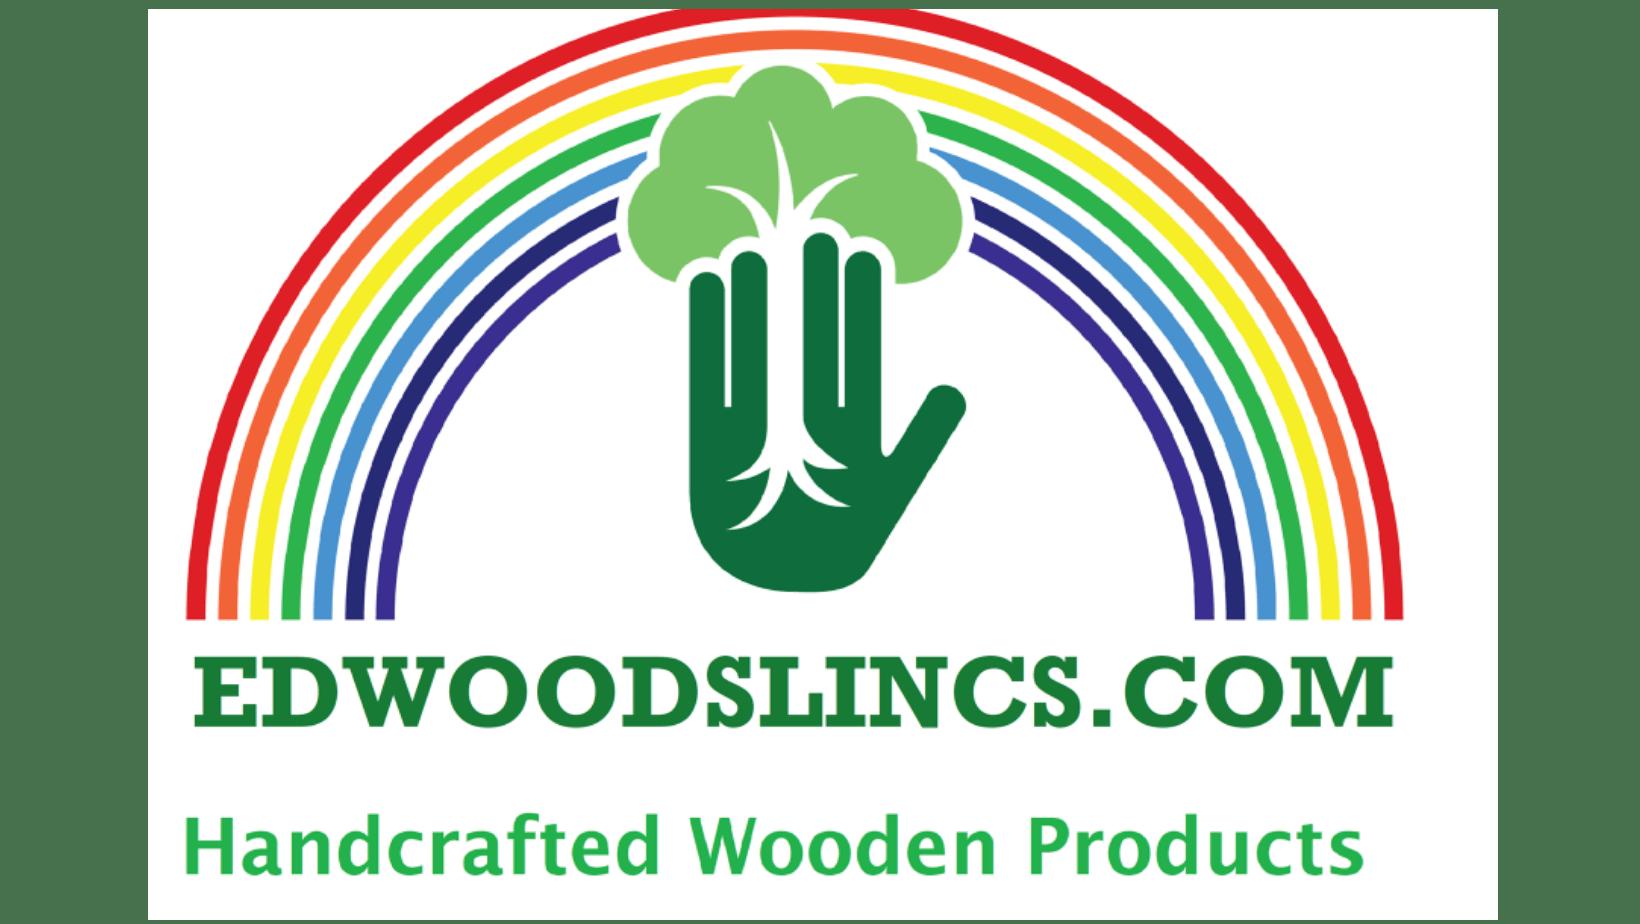 Ed-Woods Lincs